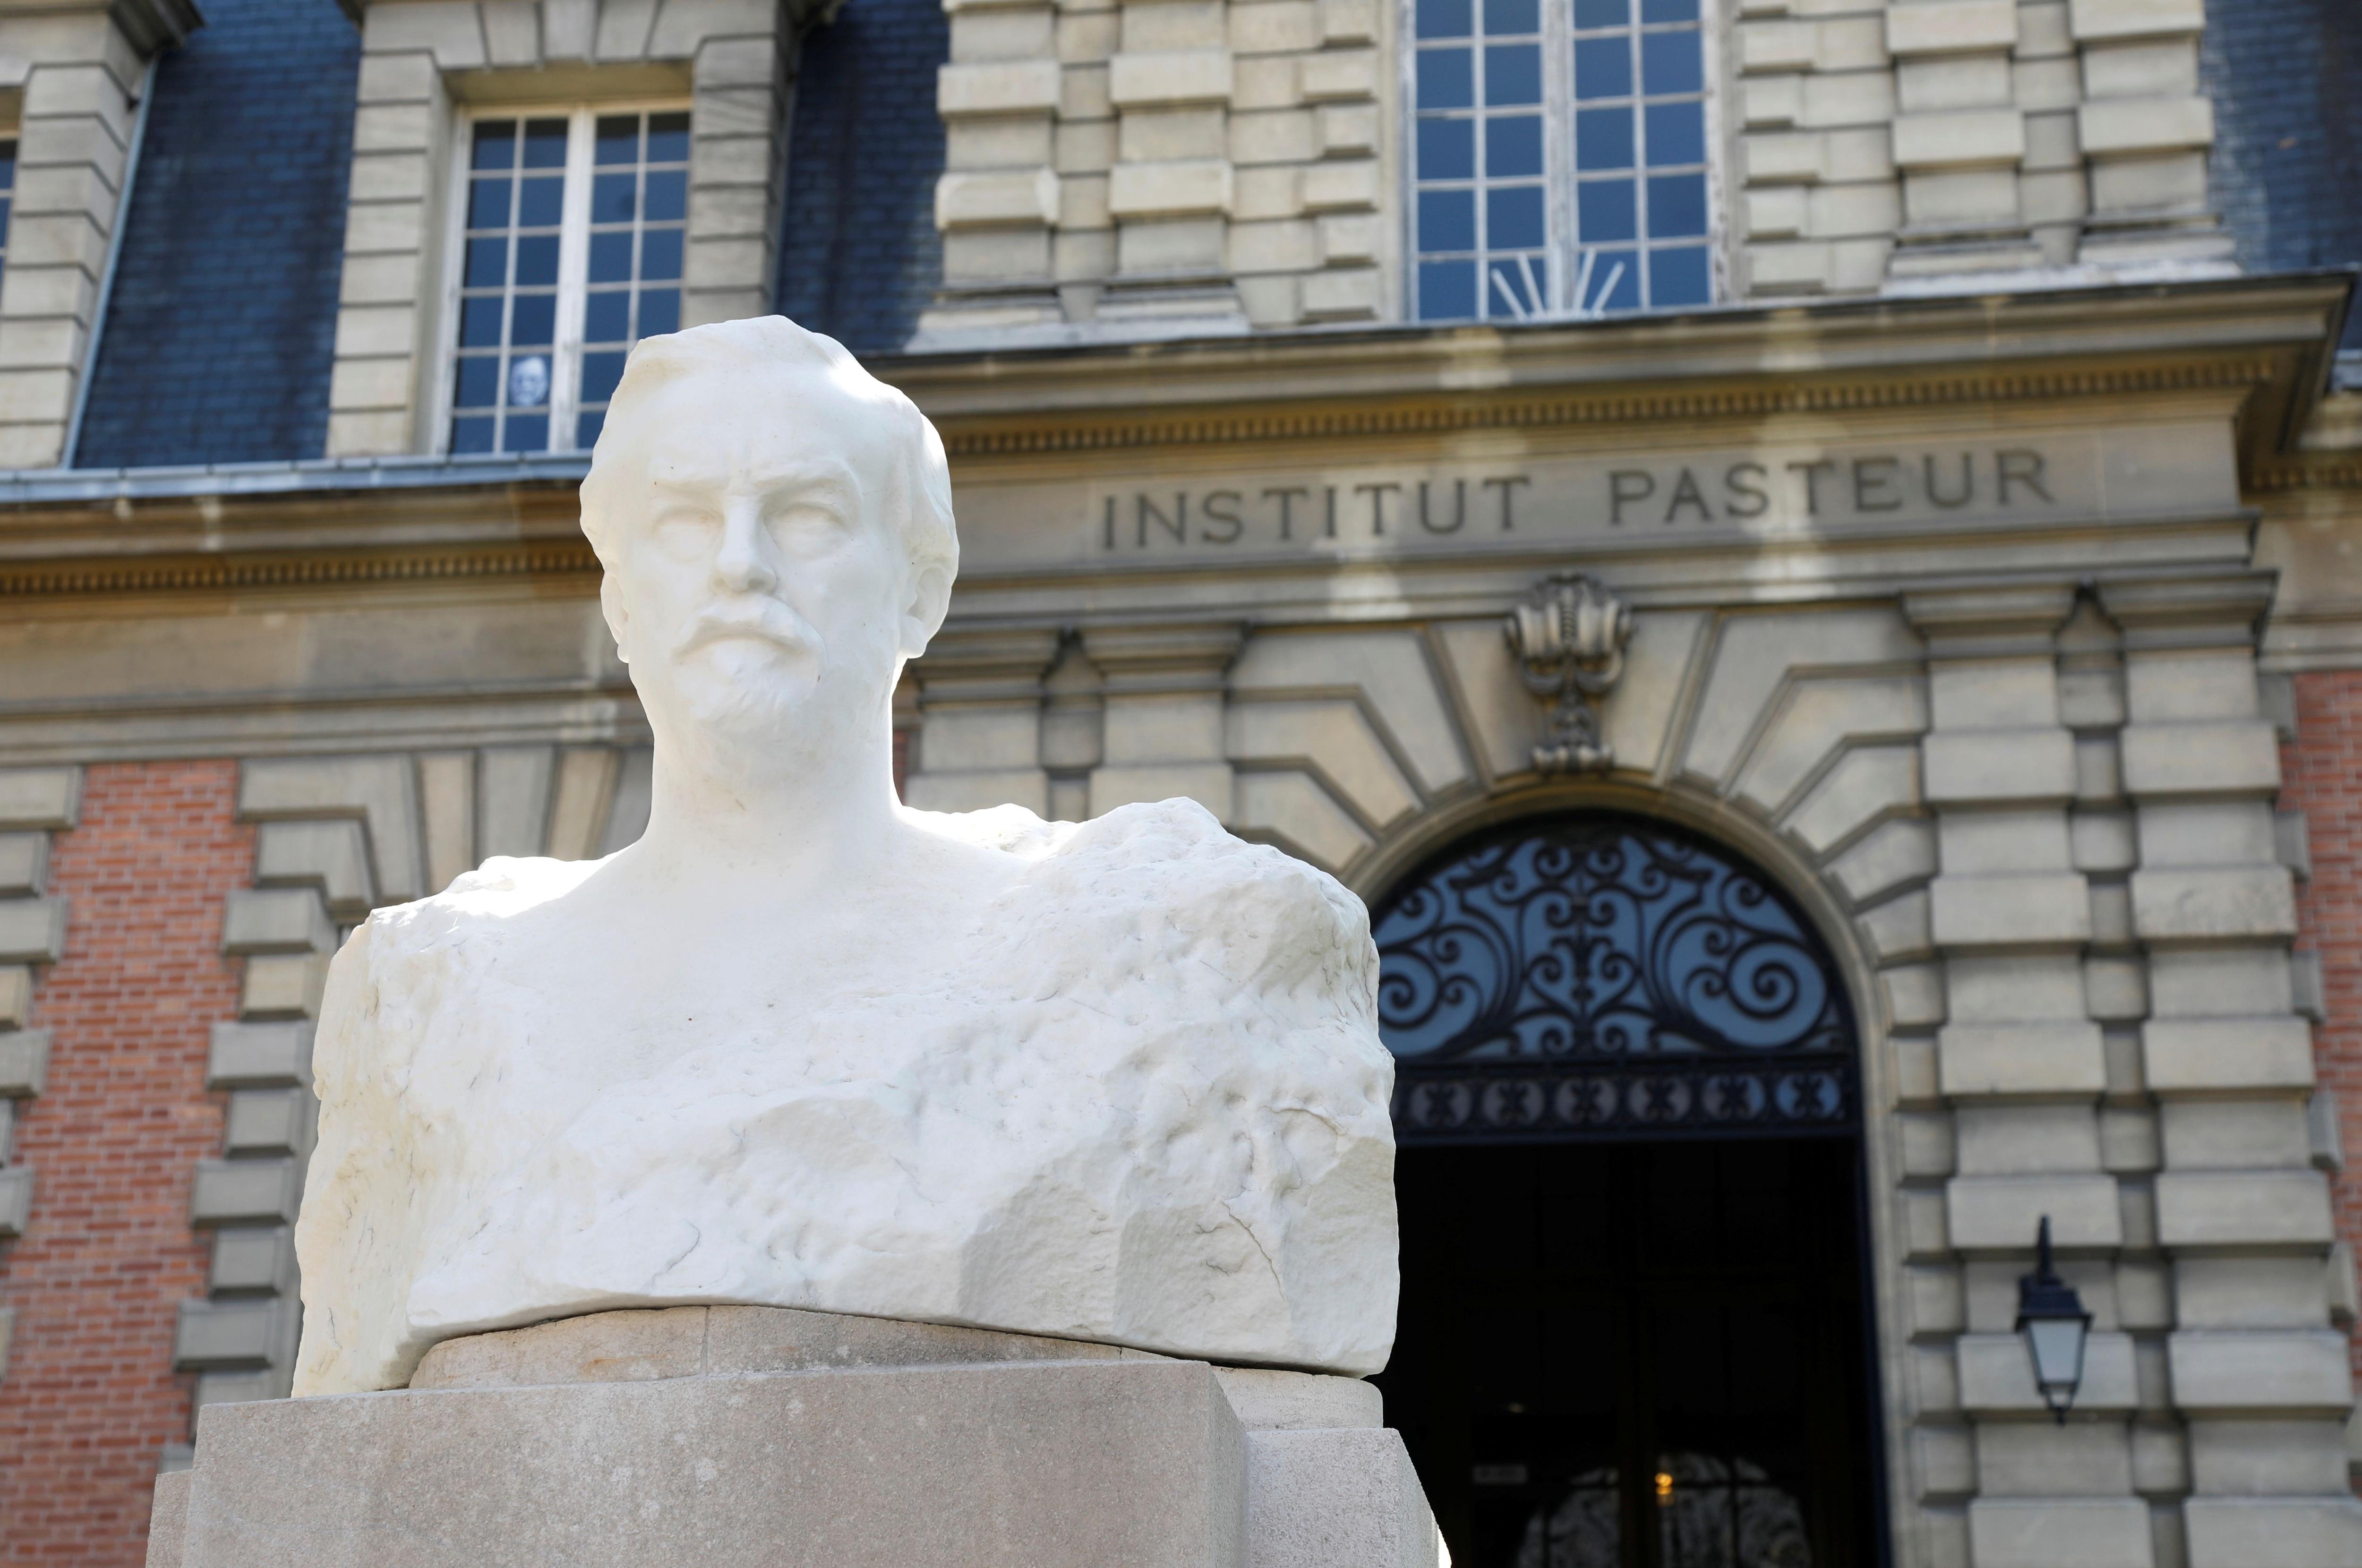 La investigación sobre los virus en murciélagos fue llevada a cabo por científicos del Instituto Pasteur de Francia con colegas de Laos (REUTERS/Charles Platiau/Archivo)